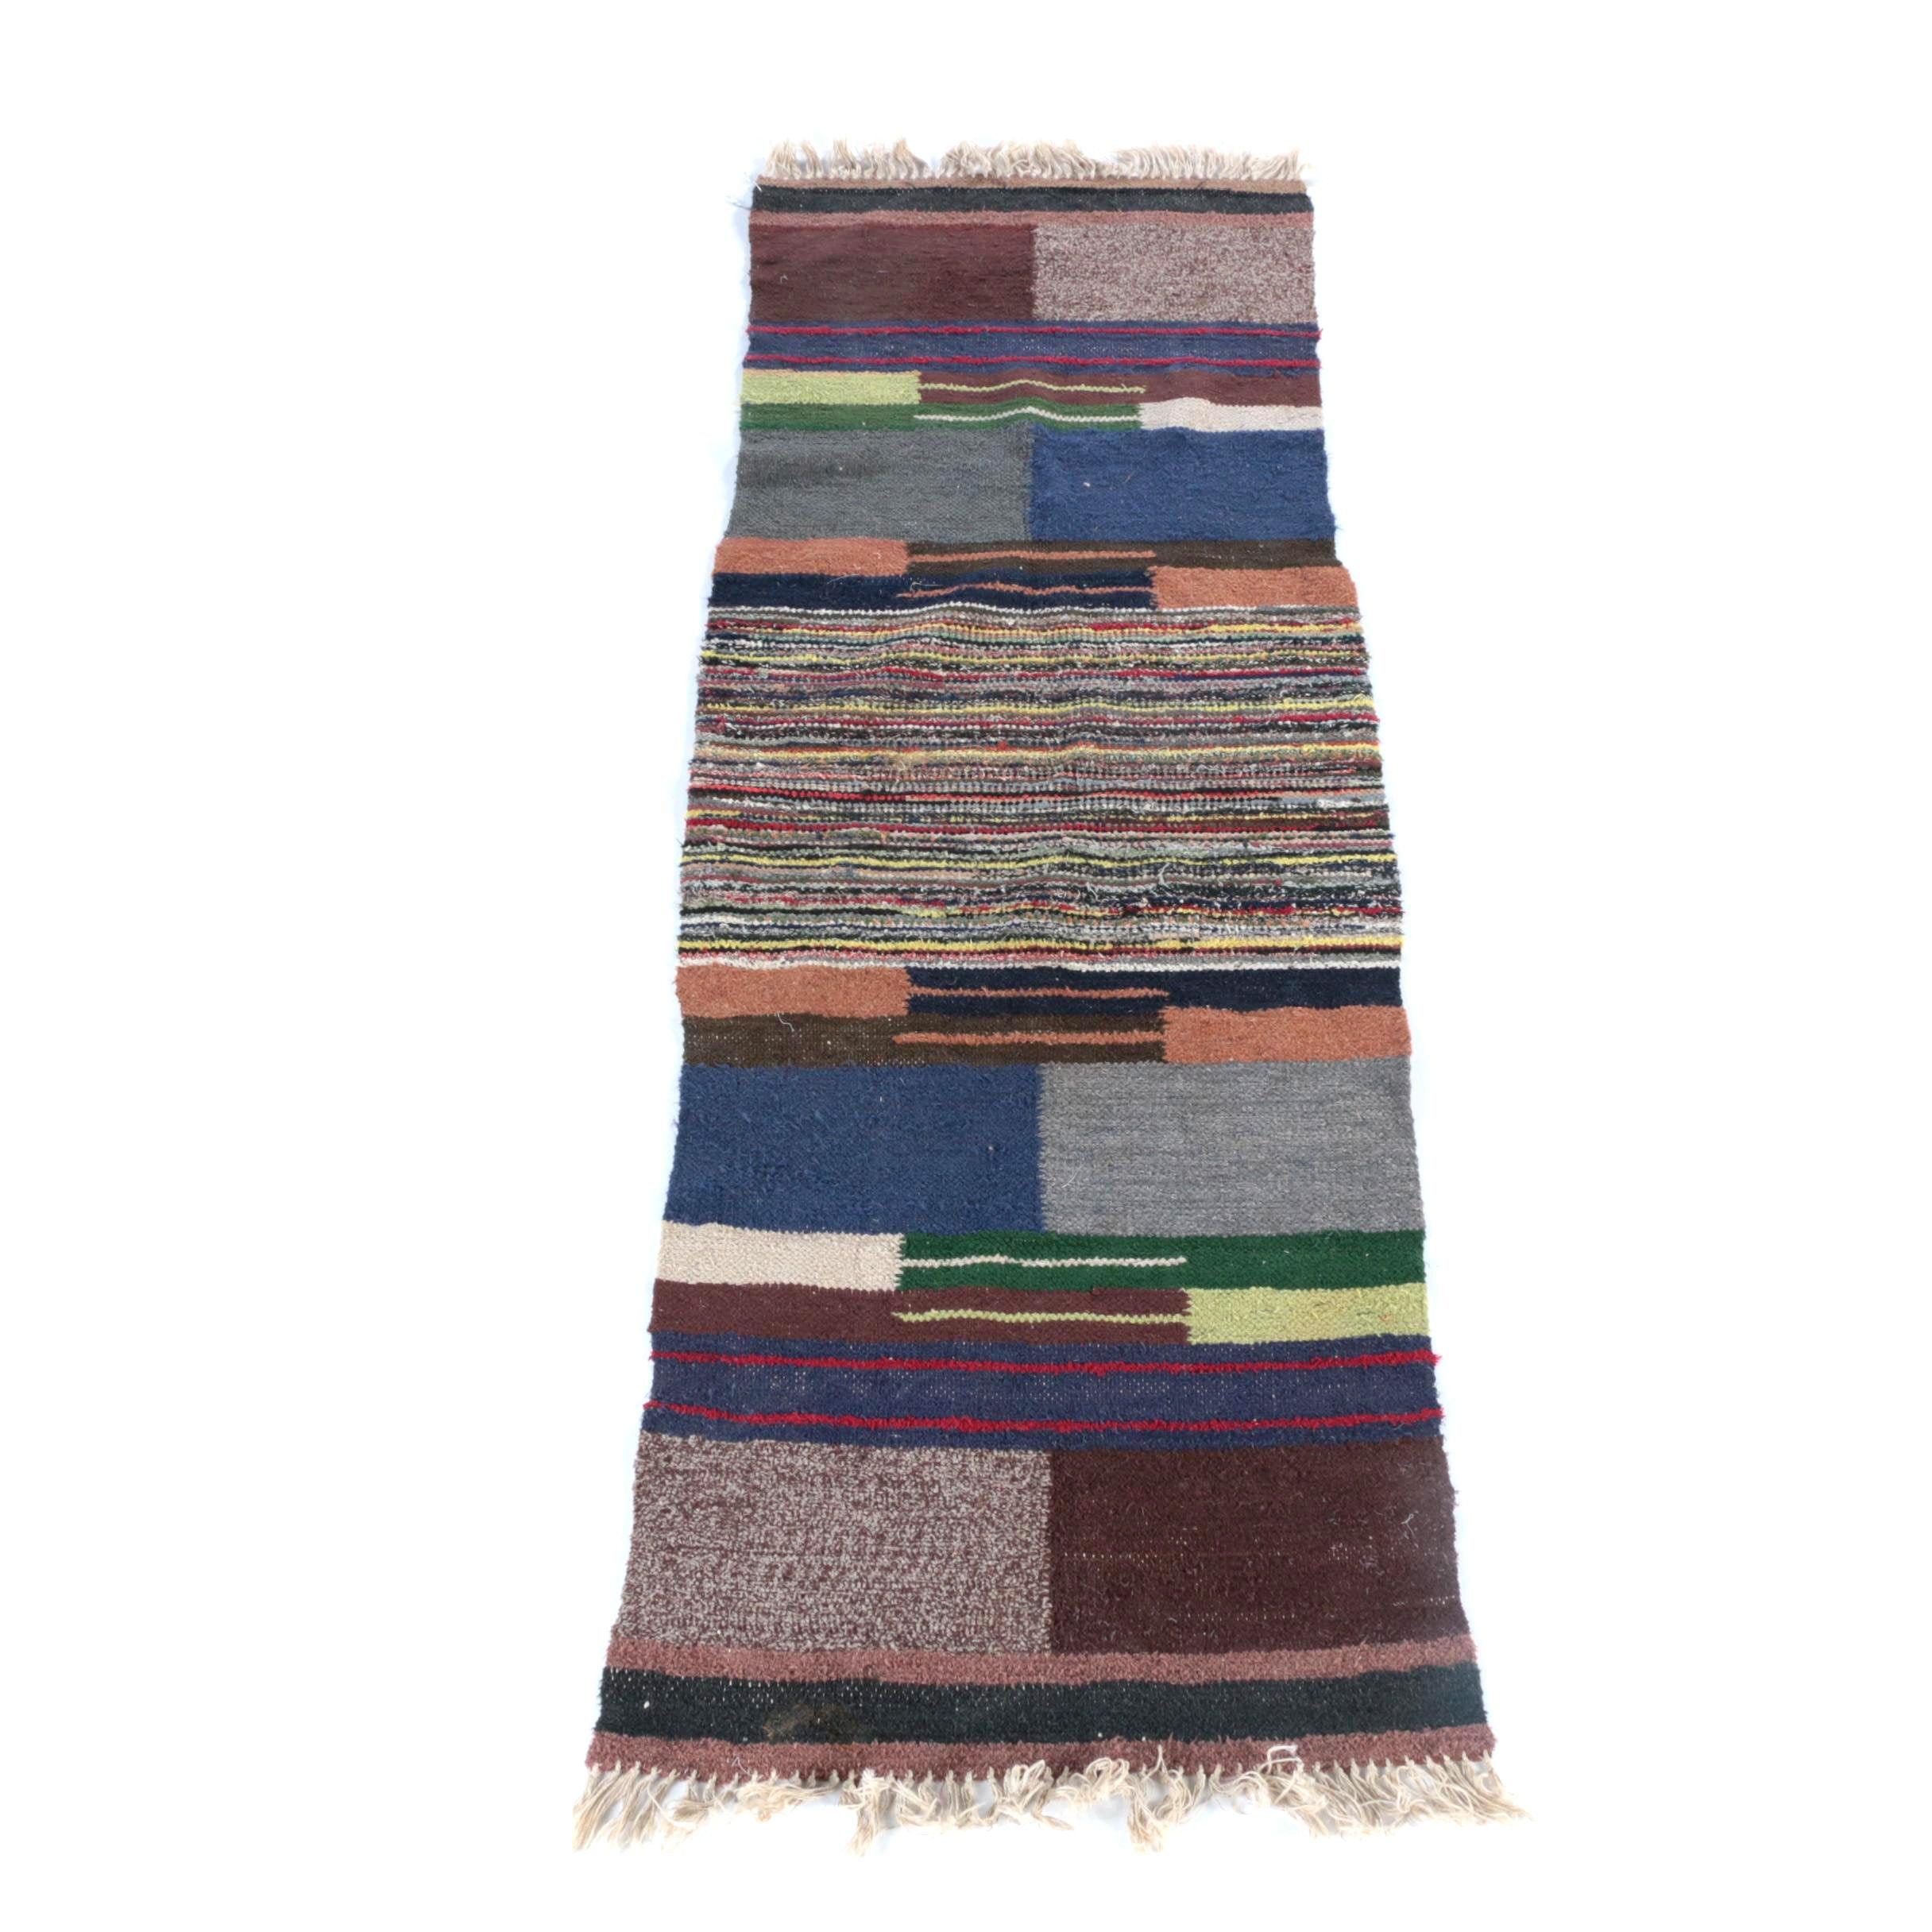 Handwoven Moroccan Berber Wool Area Rug